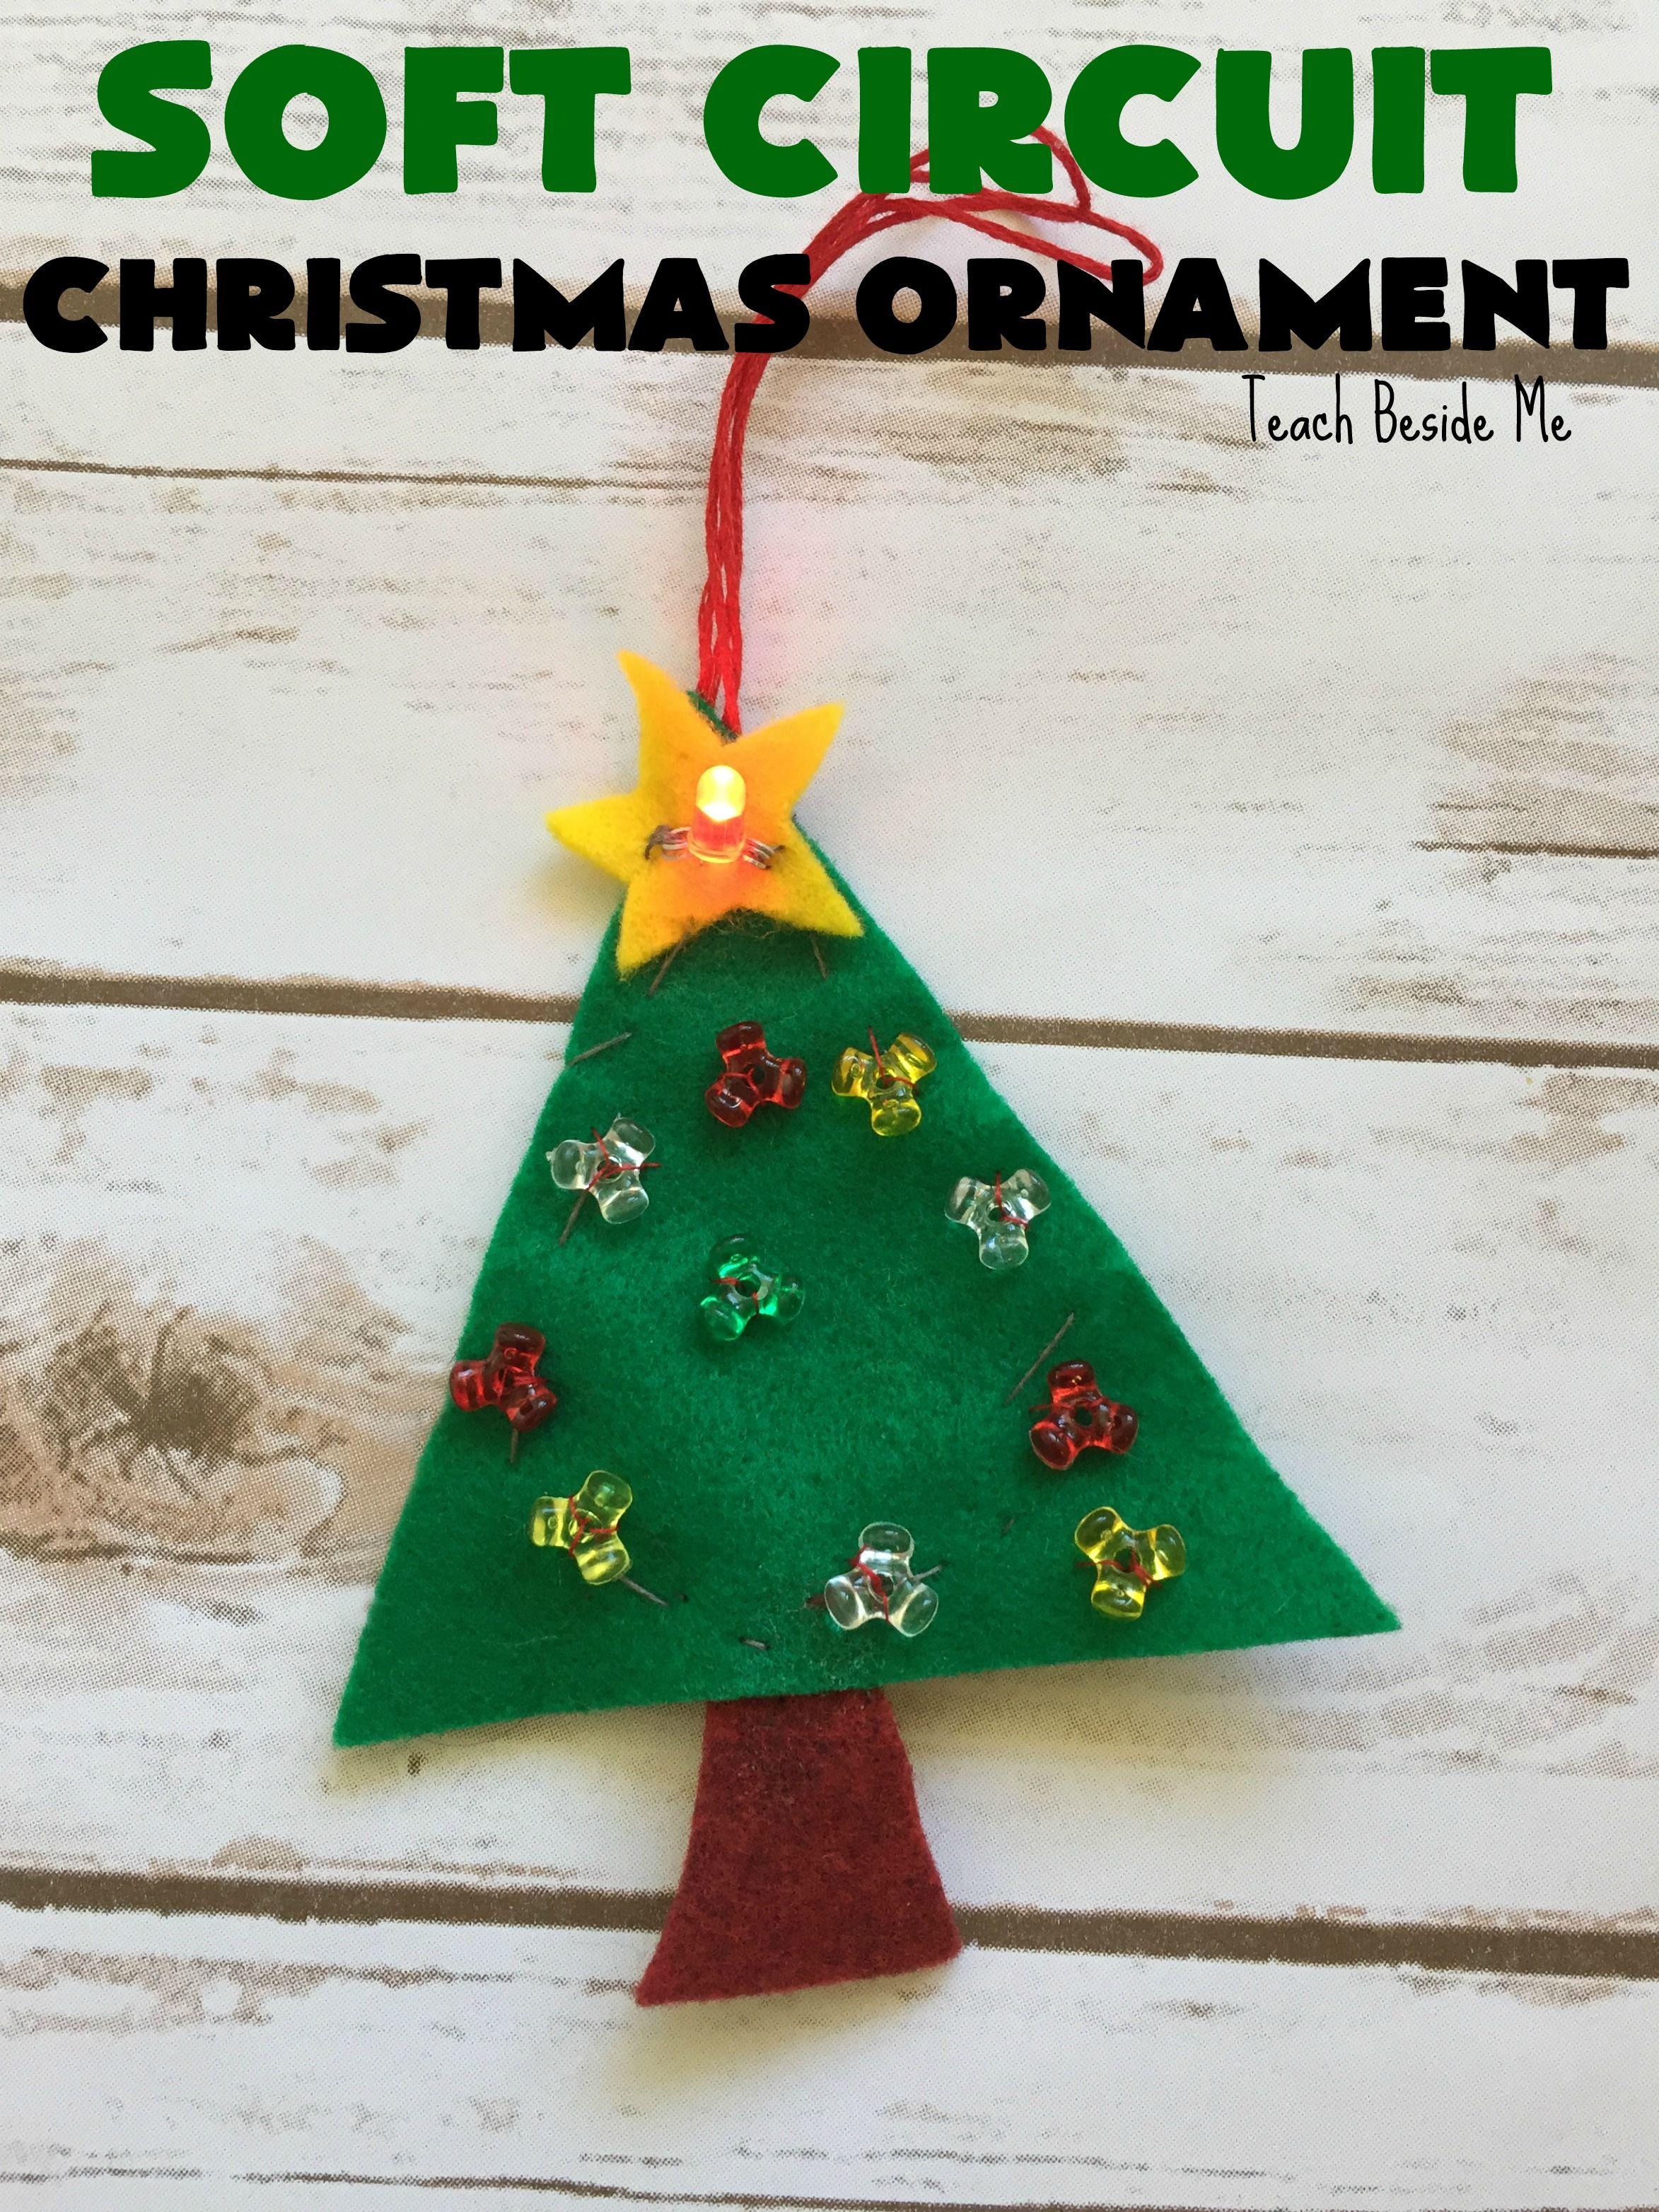 Soft Circuit Christmas Ornament Christmas Steam Christmas Activities Christmas Science Christmas Ornaments To Make